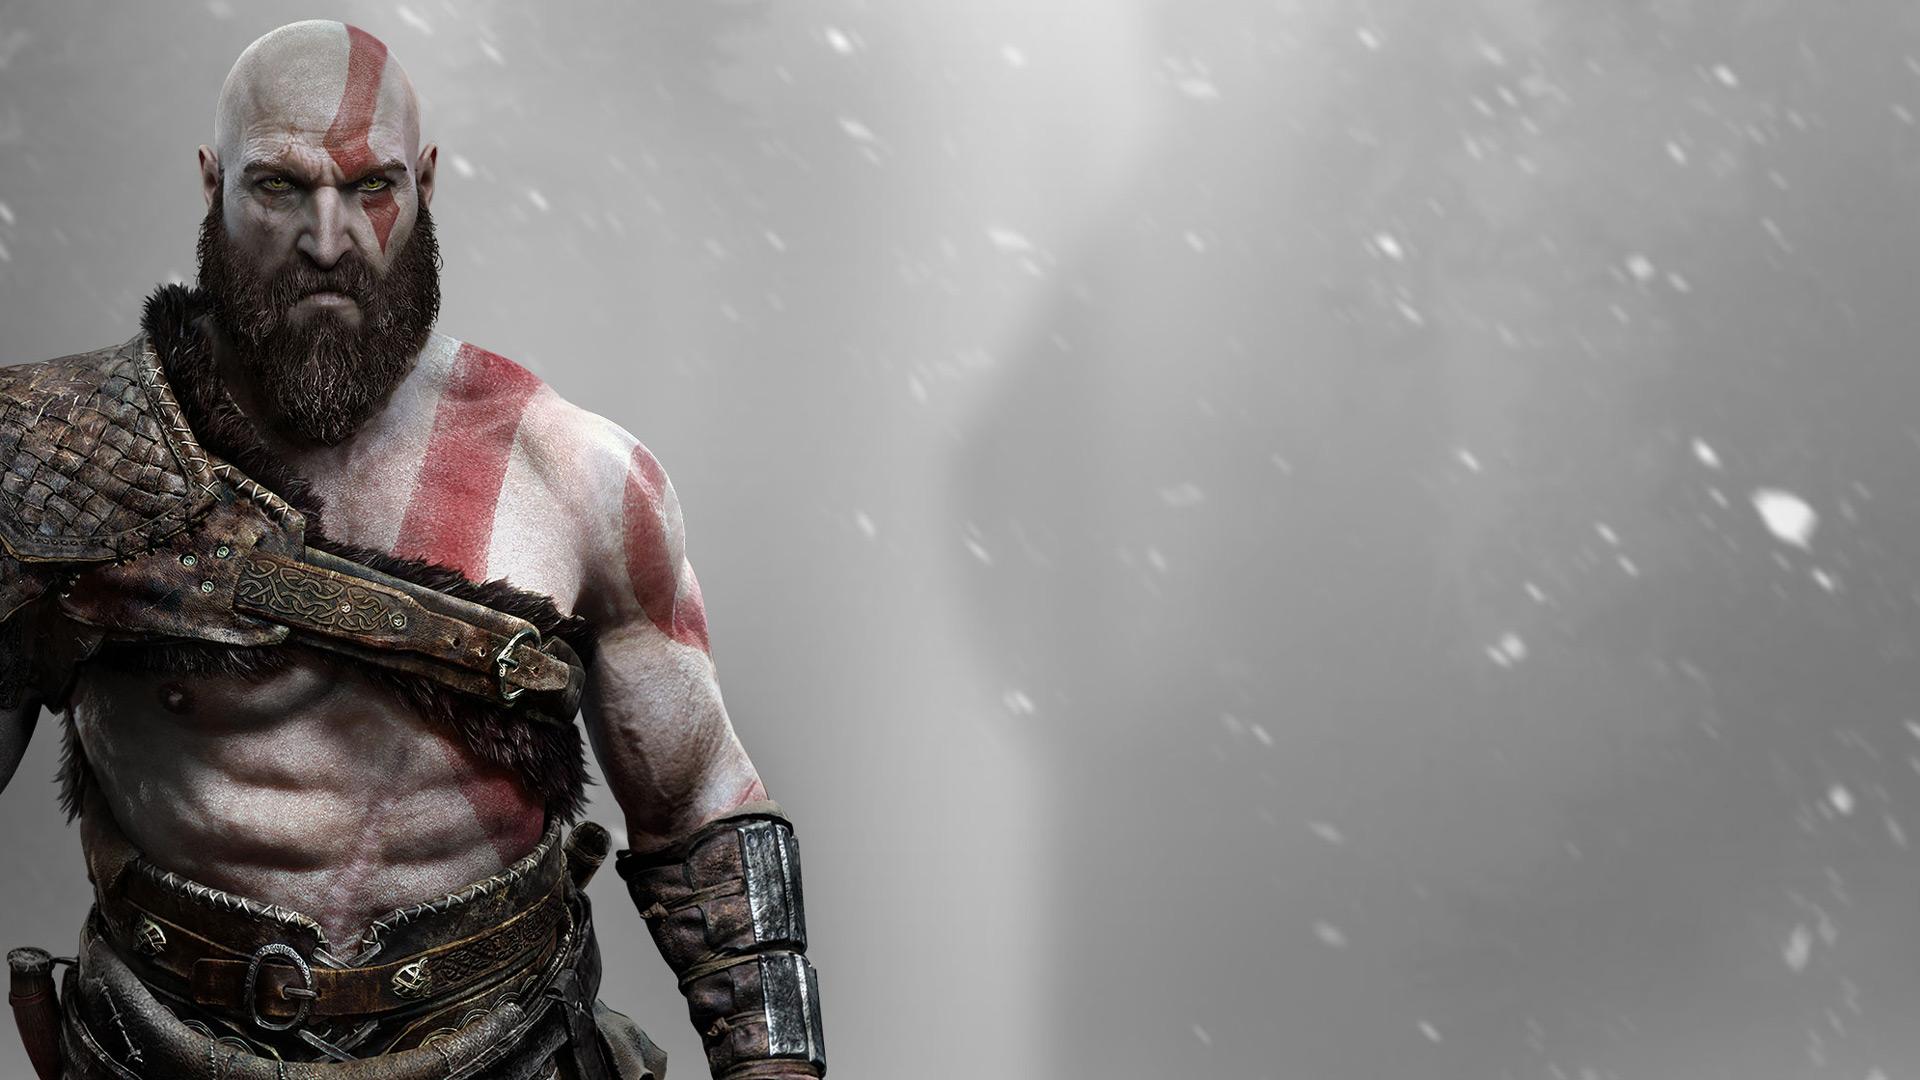 1280x720 Kratos God Of War 720p Hd 4k Wallpapers Images